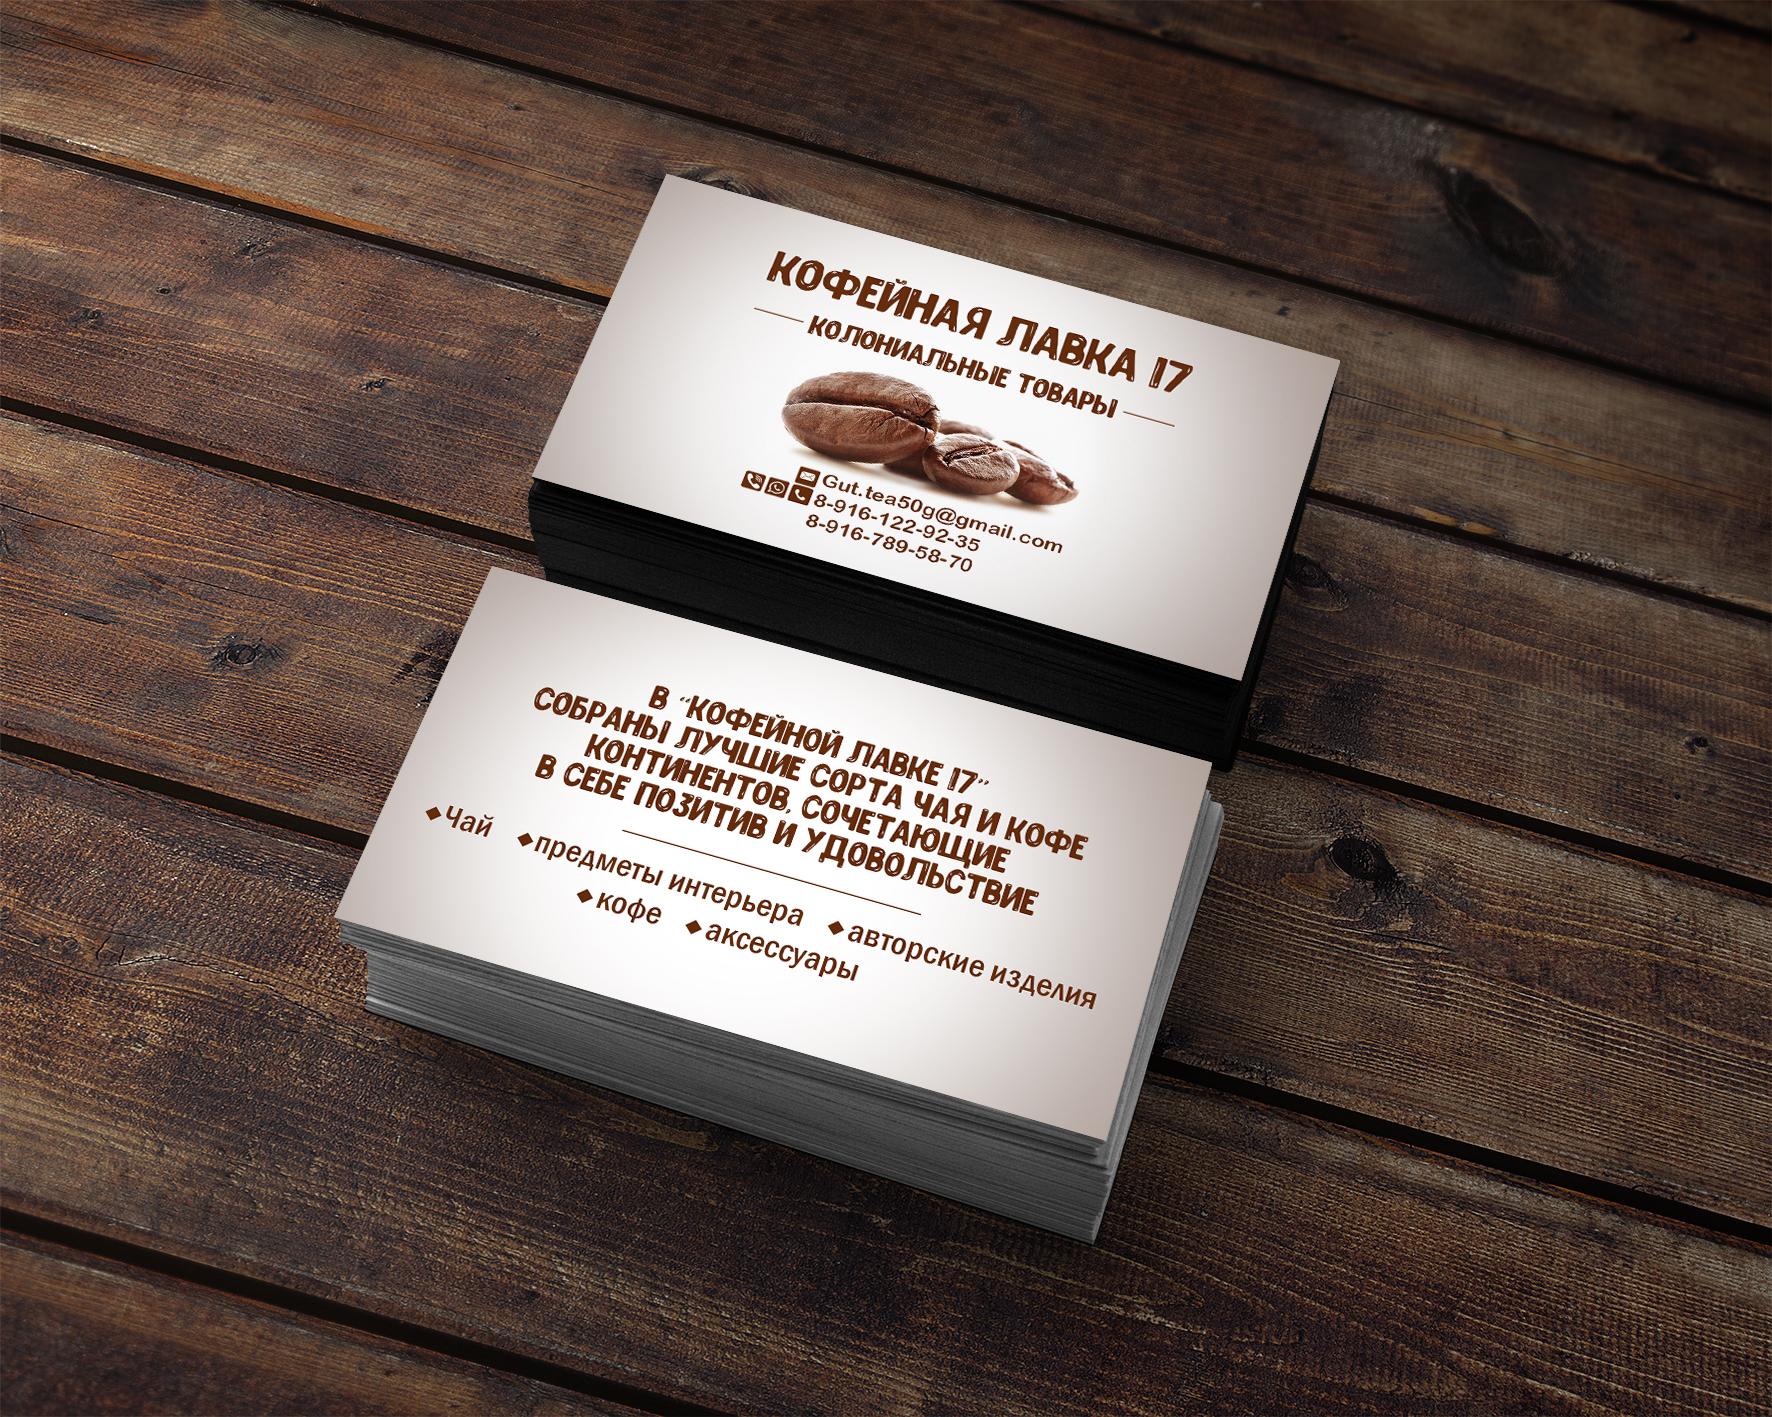 визитка кофейная лавка